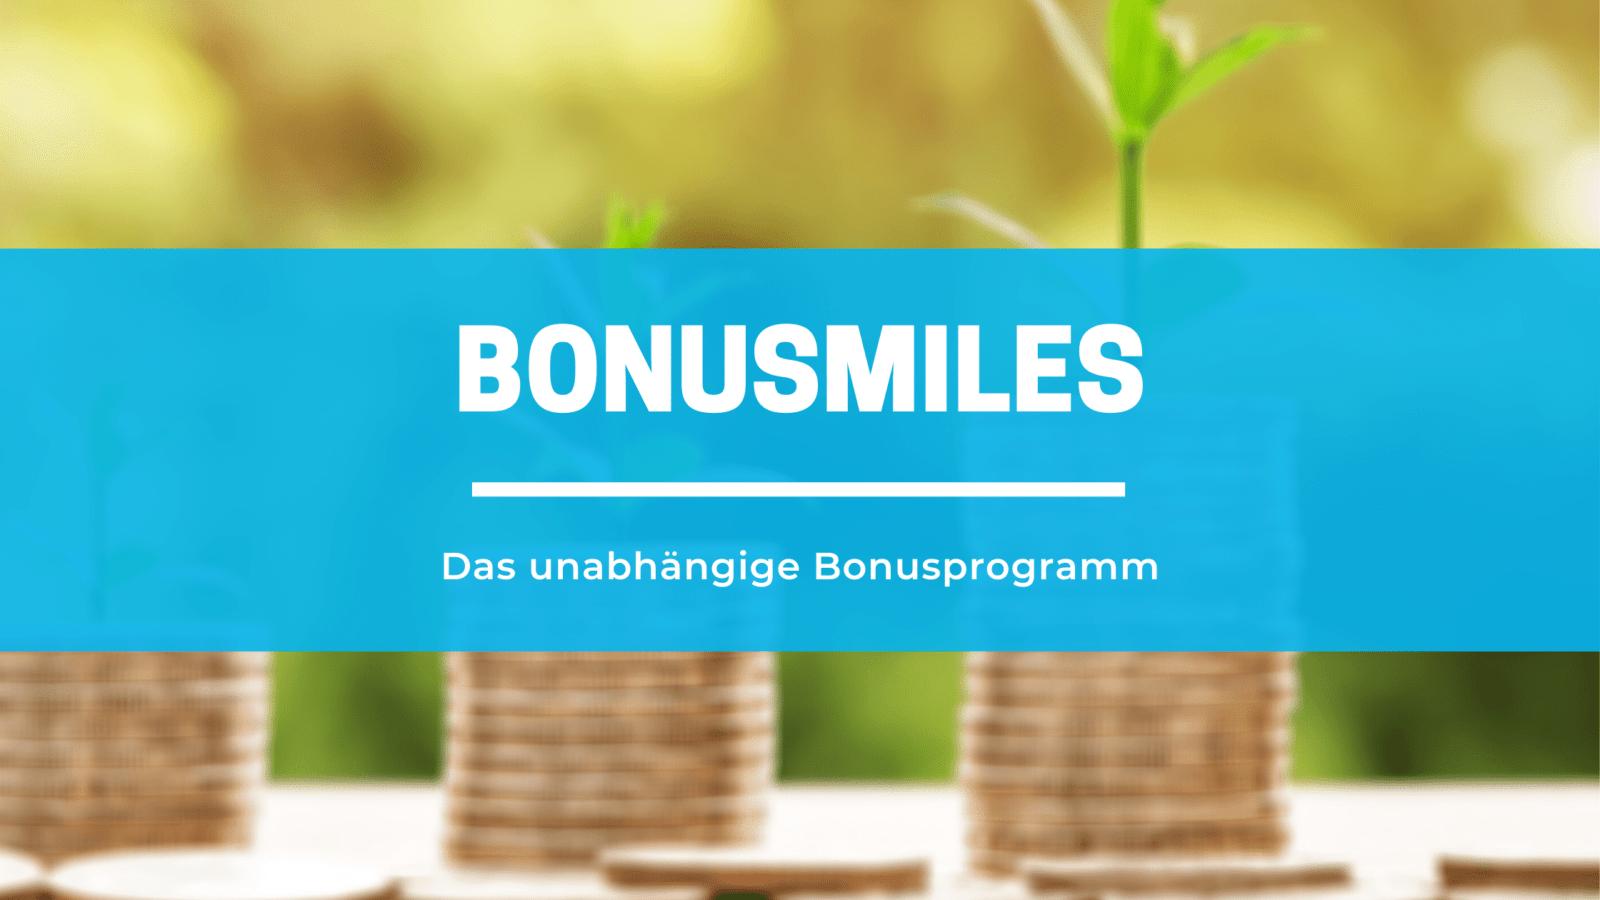 Bonusmiles: Das neue Bonusprogramm in Deutschland